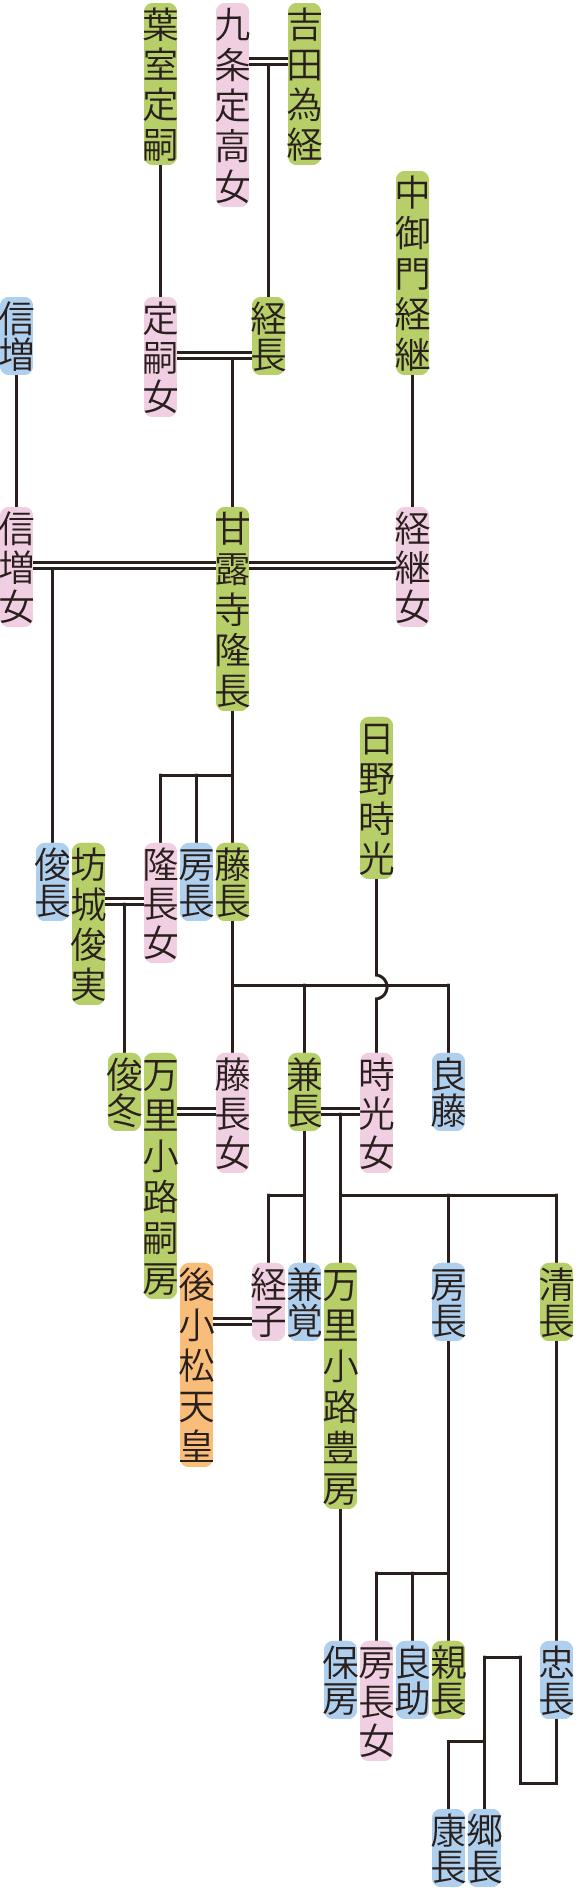 甘露寺隆長~兼長の系図